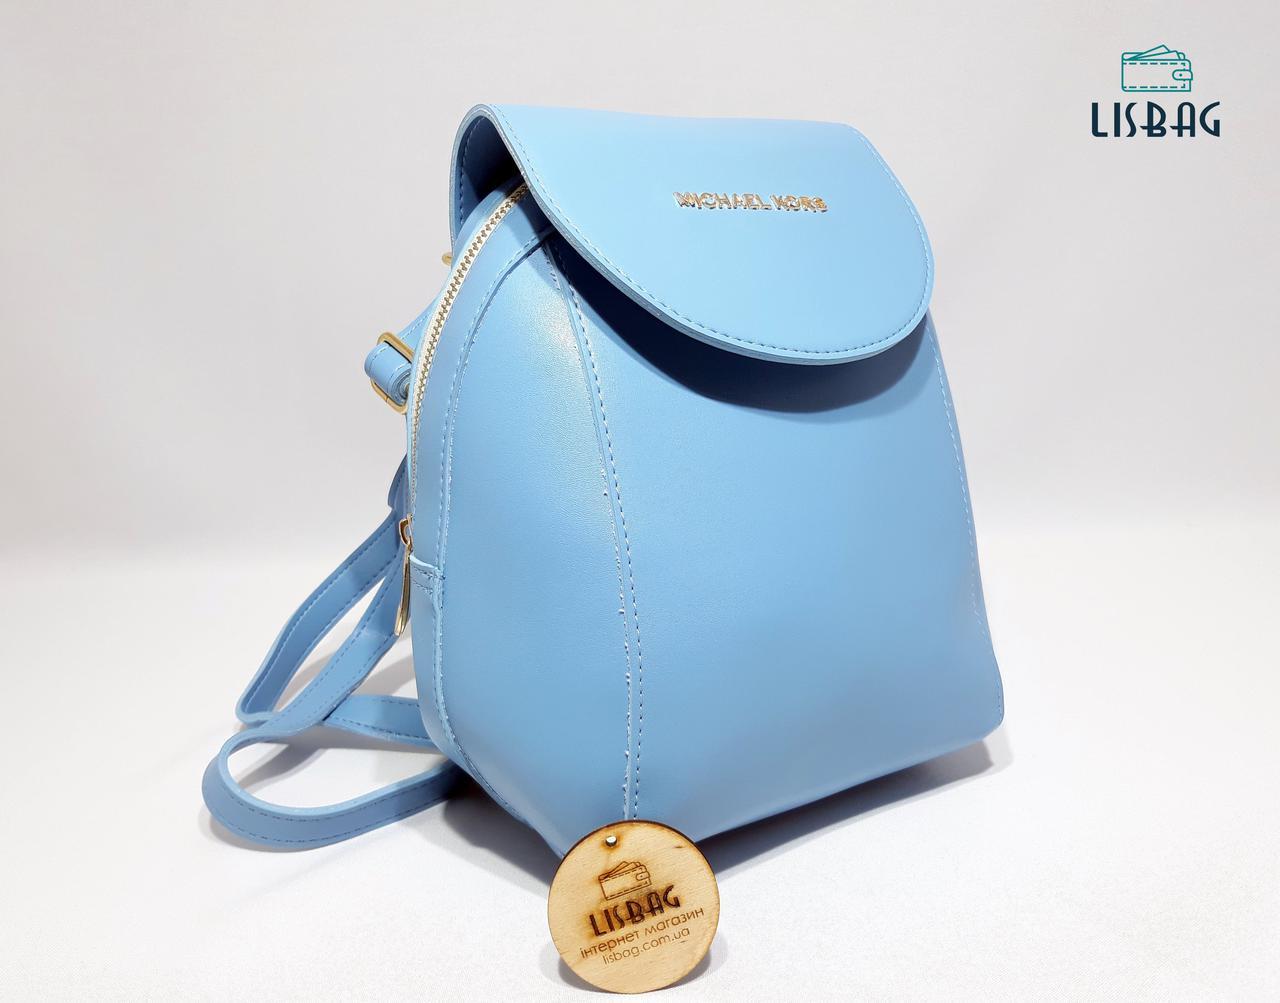 Блакитний Жіночий Портфель Сумка Michael Kors Копія Люкс 3f70d34371029